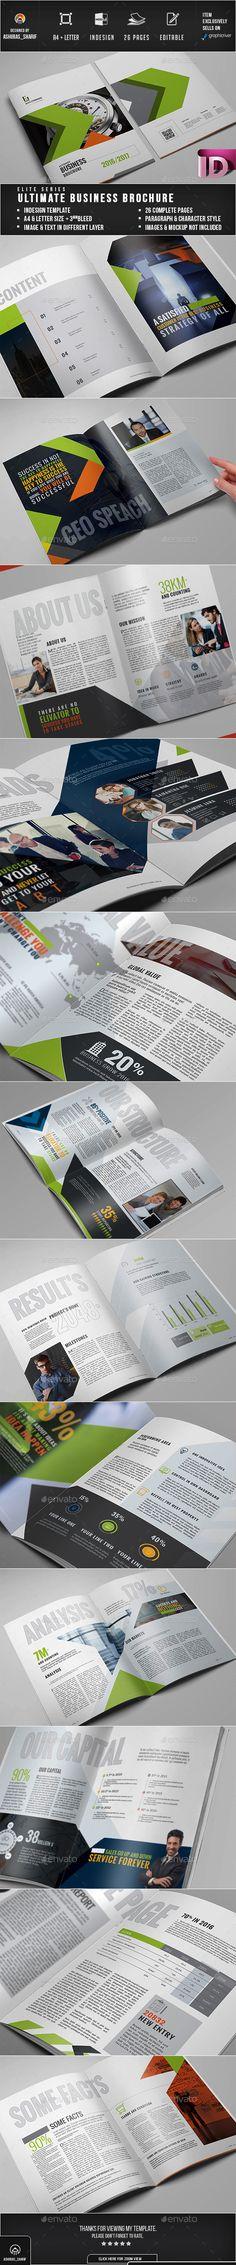 Brochure Brochure Layout, Corporate Brochure, Business Brochure, Brochure Design, Indesign Templates, Print Templates, Brochure Template, Print Design, Graphic Design